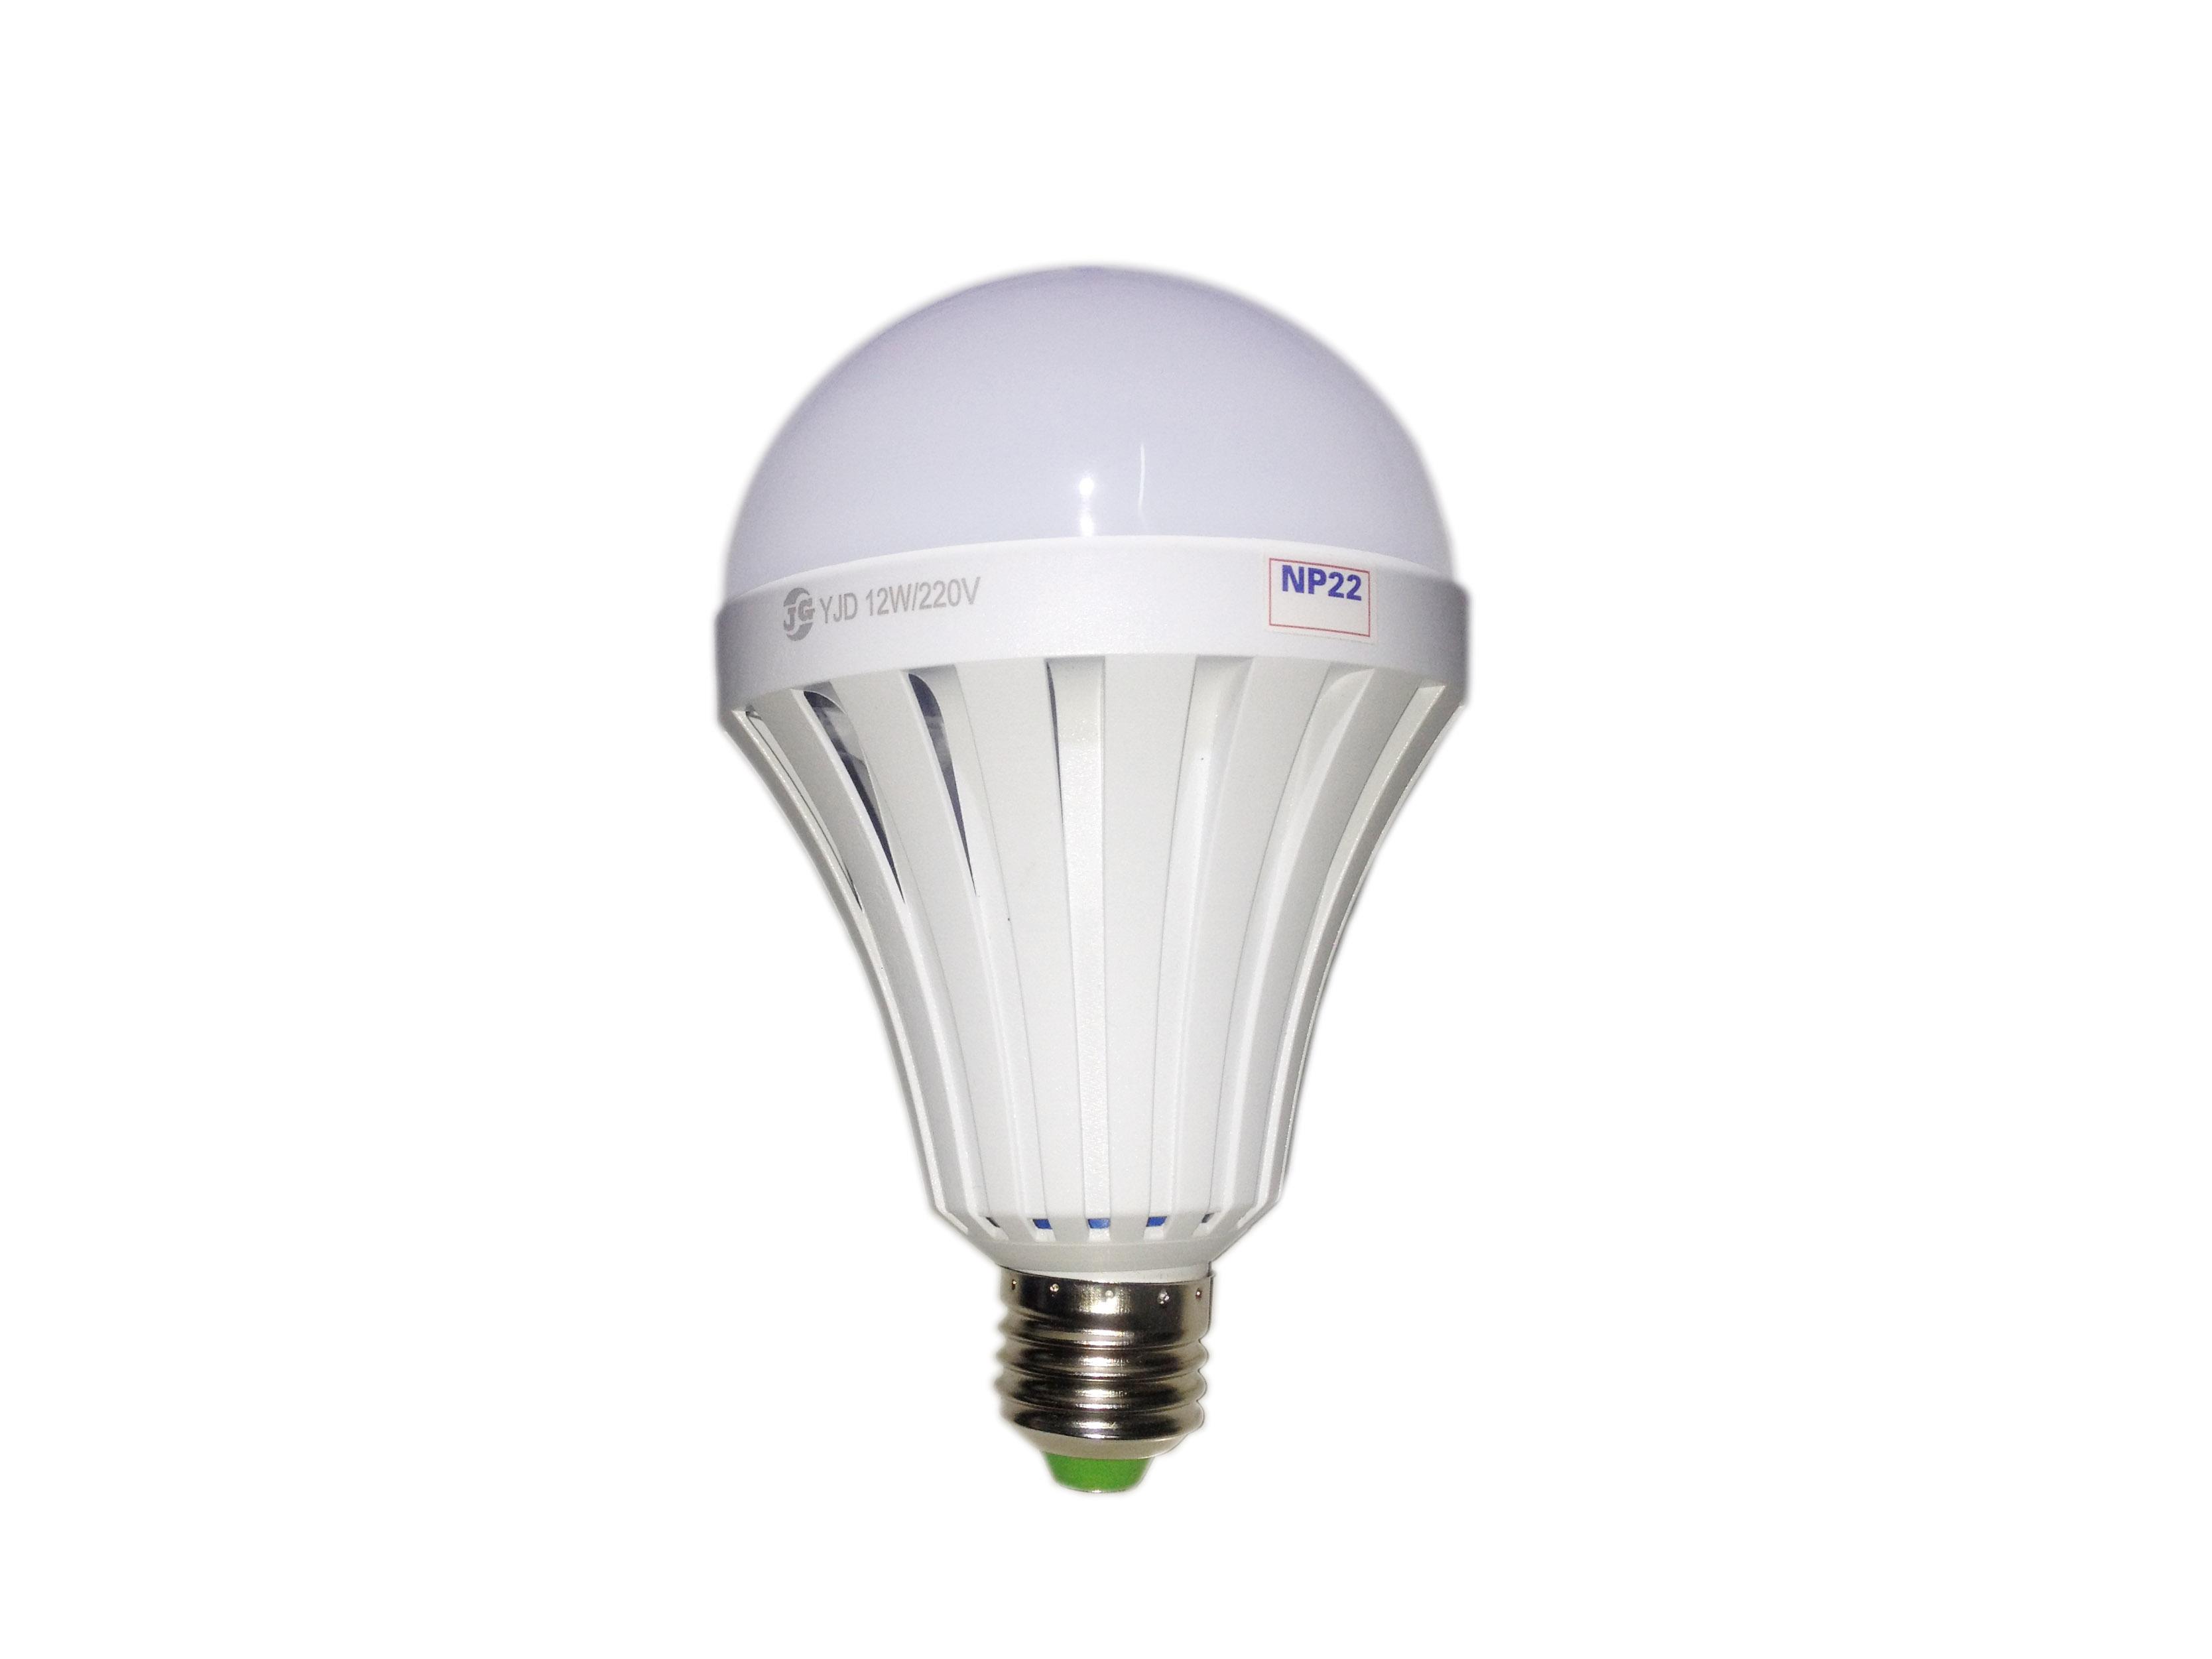 Đèn led 12W - 220V (có Pin sạc tích điện